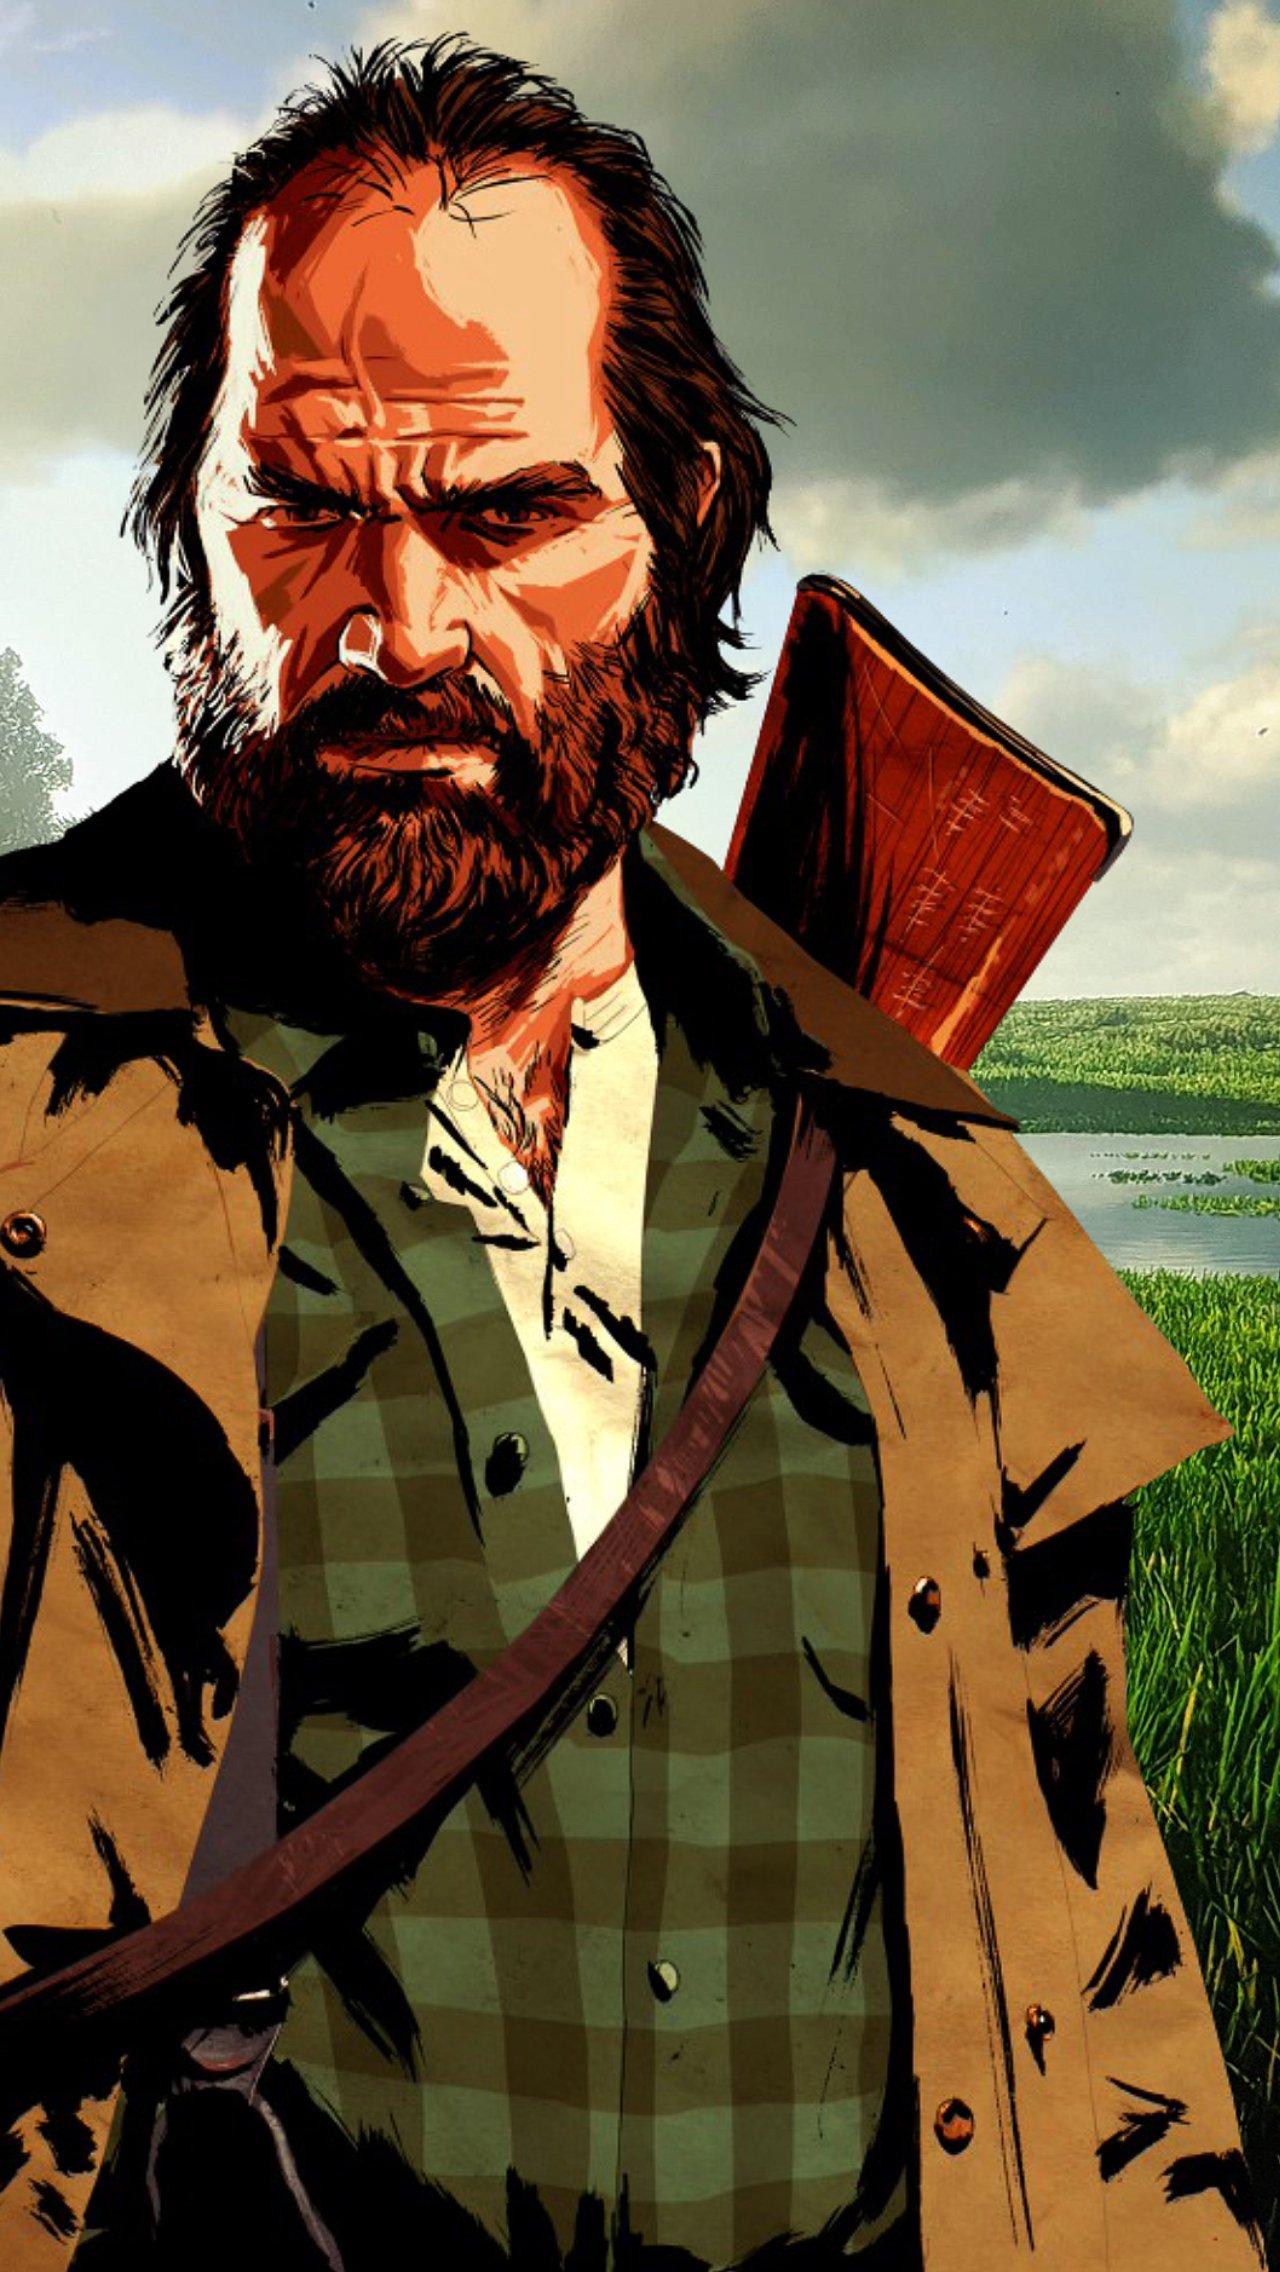 Внук подарил дедушке Xbox, и тот сыграл 2000 часов в Red Dead Redemption